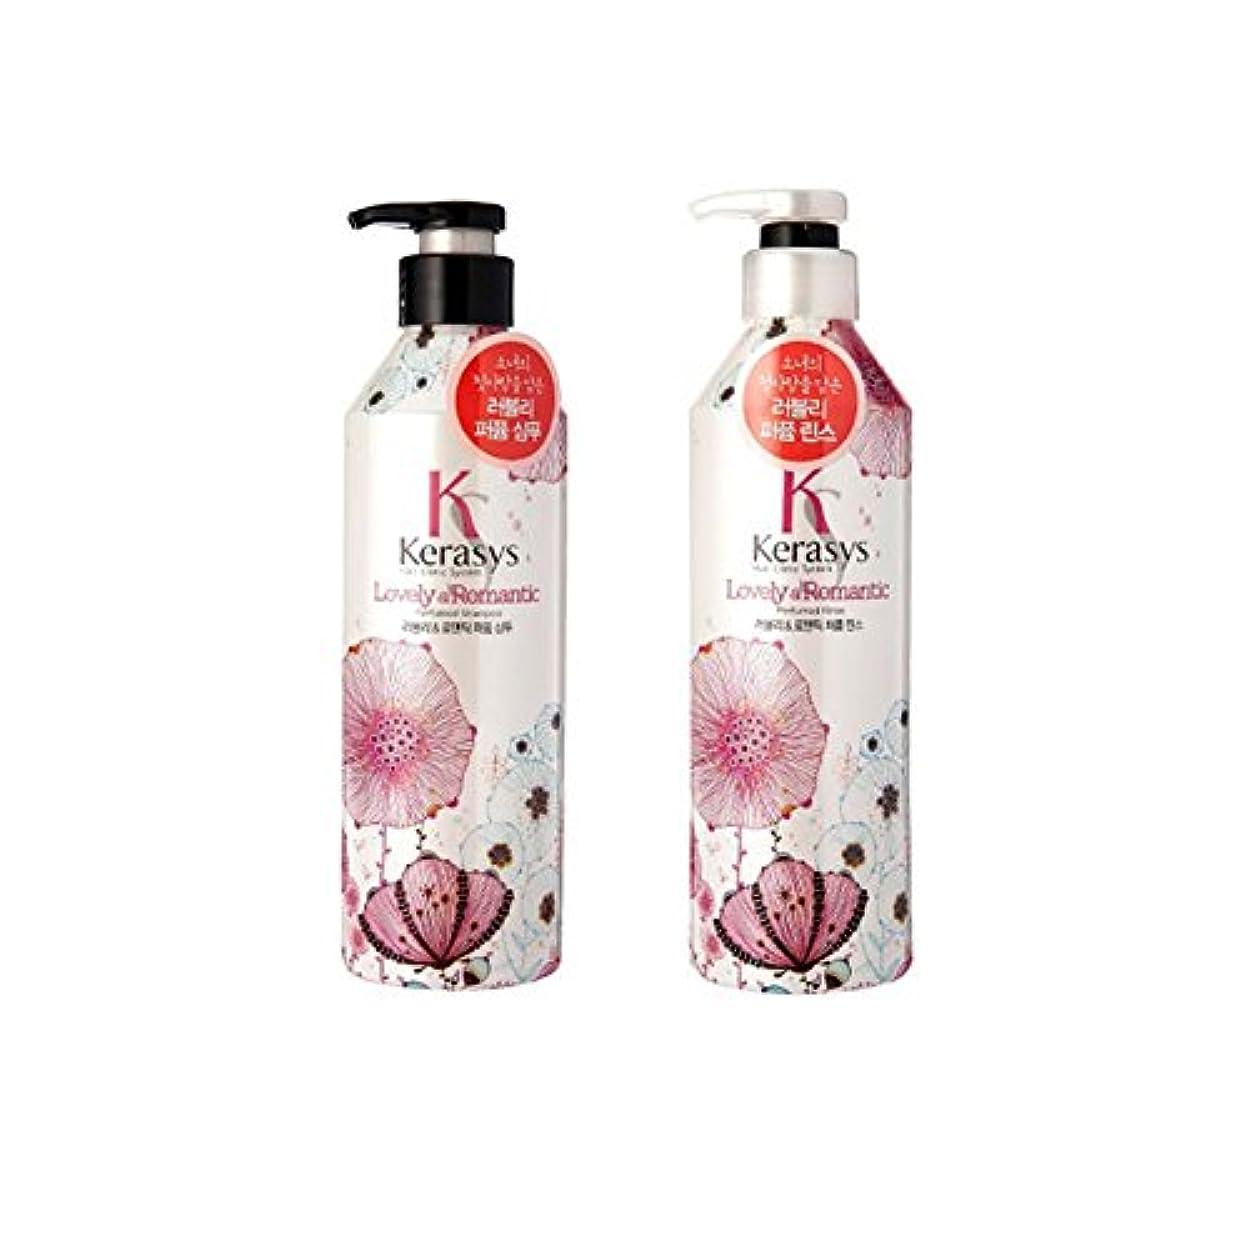 ブレイズ家禽ほぼKerasys Shampoo and Conditioner シャンプー そして リンス(コンディショナー) それぞれ 600ml  (海外直送品) (Lovely Romantic)